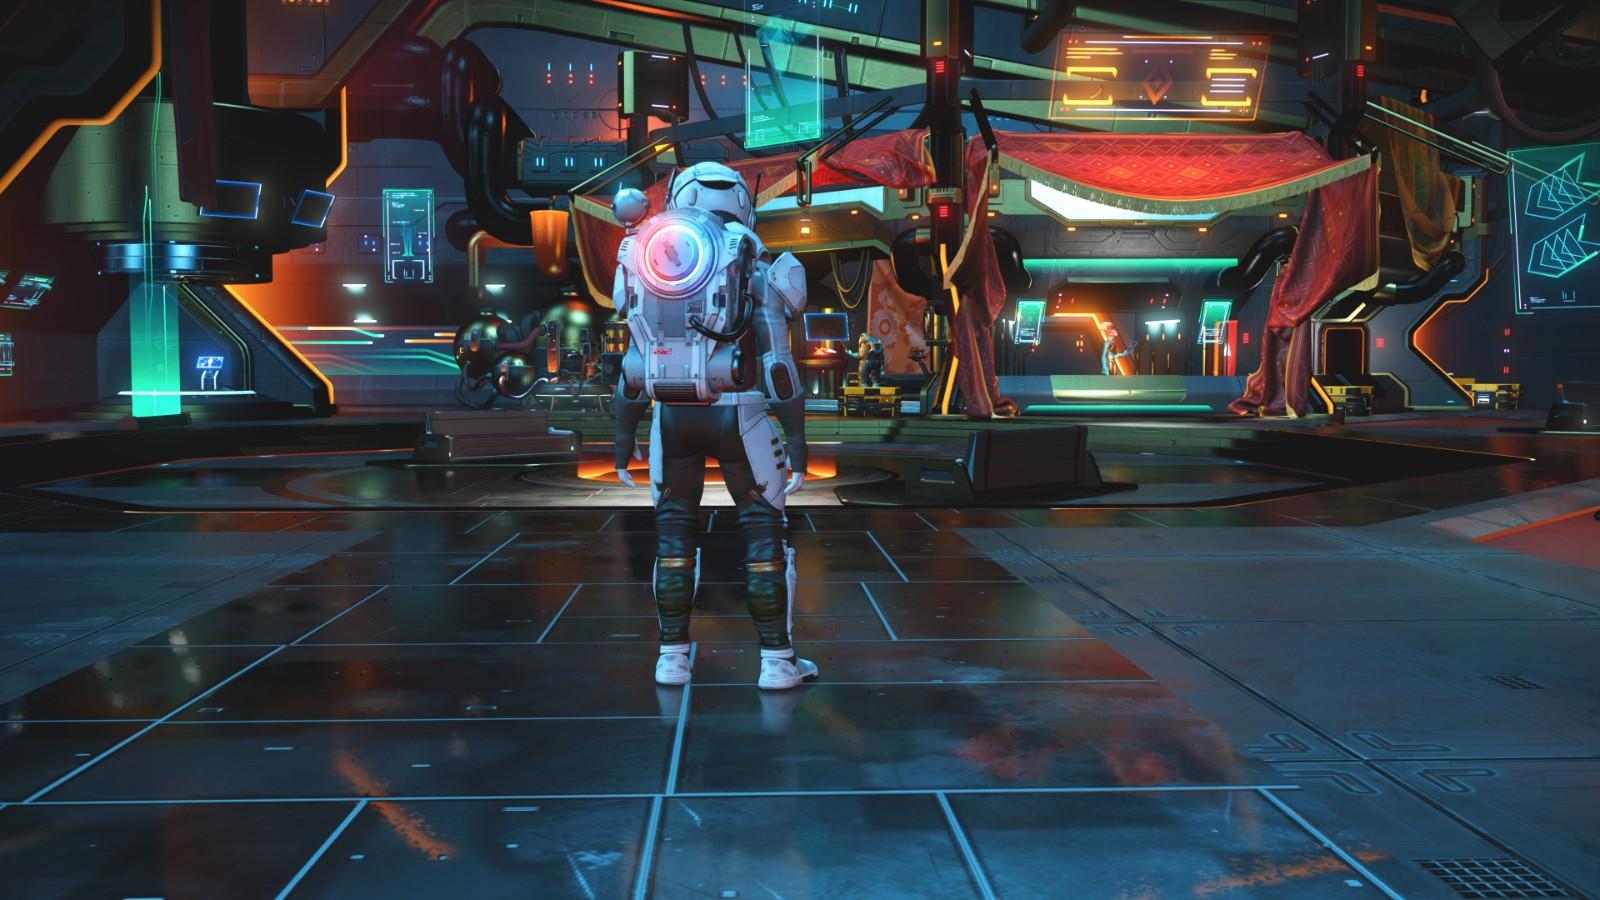 《无人深空》重大免费更新公布 视觉效果全面提升